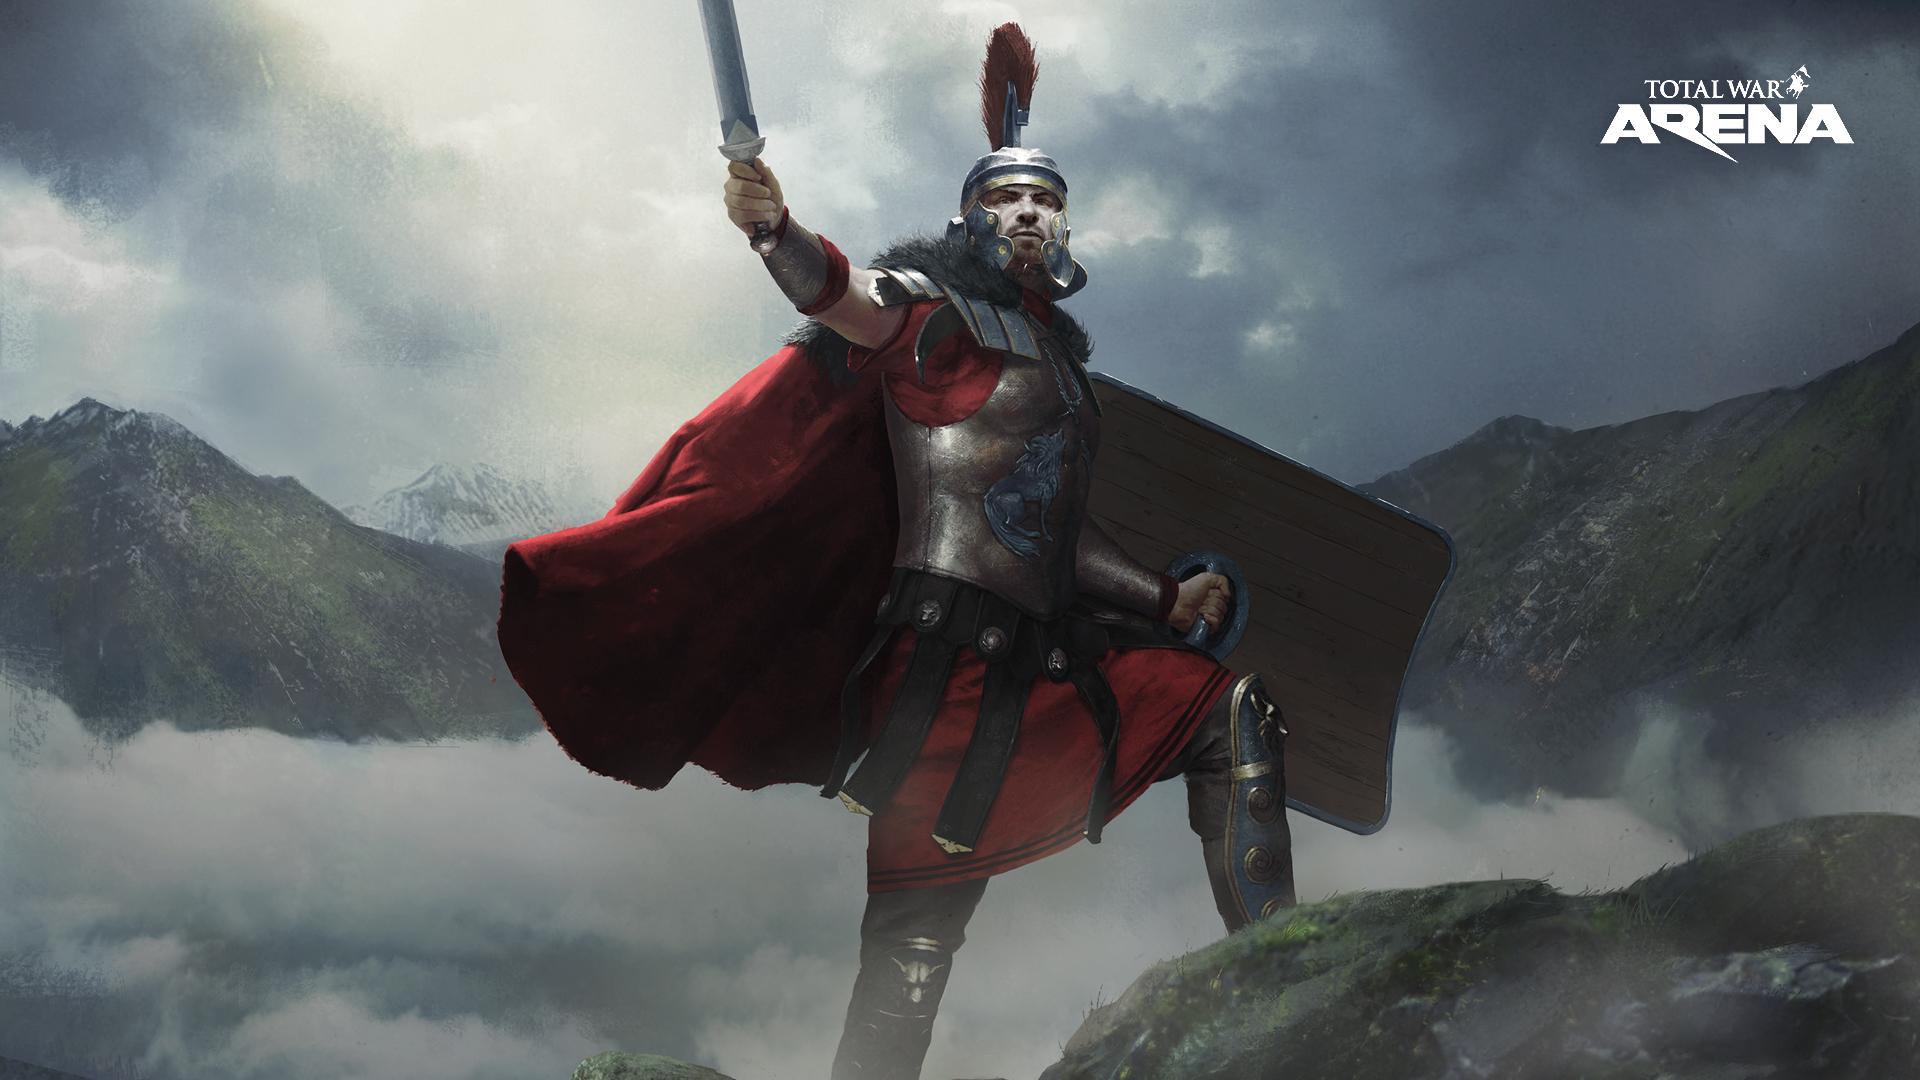 Total War: ARENA - gratis Premiuminhalte für das neue PC Strategiespiel